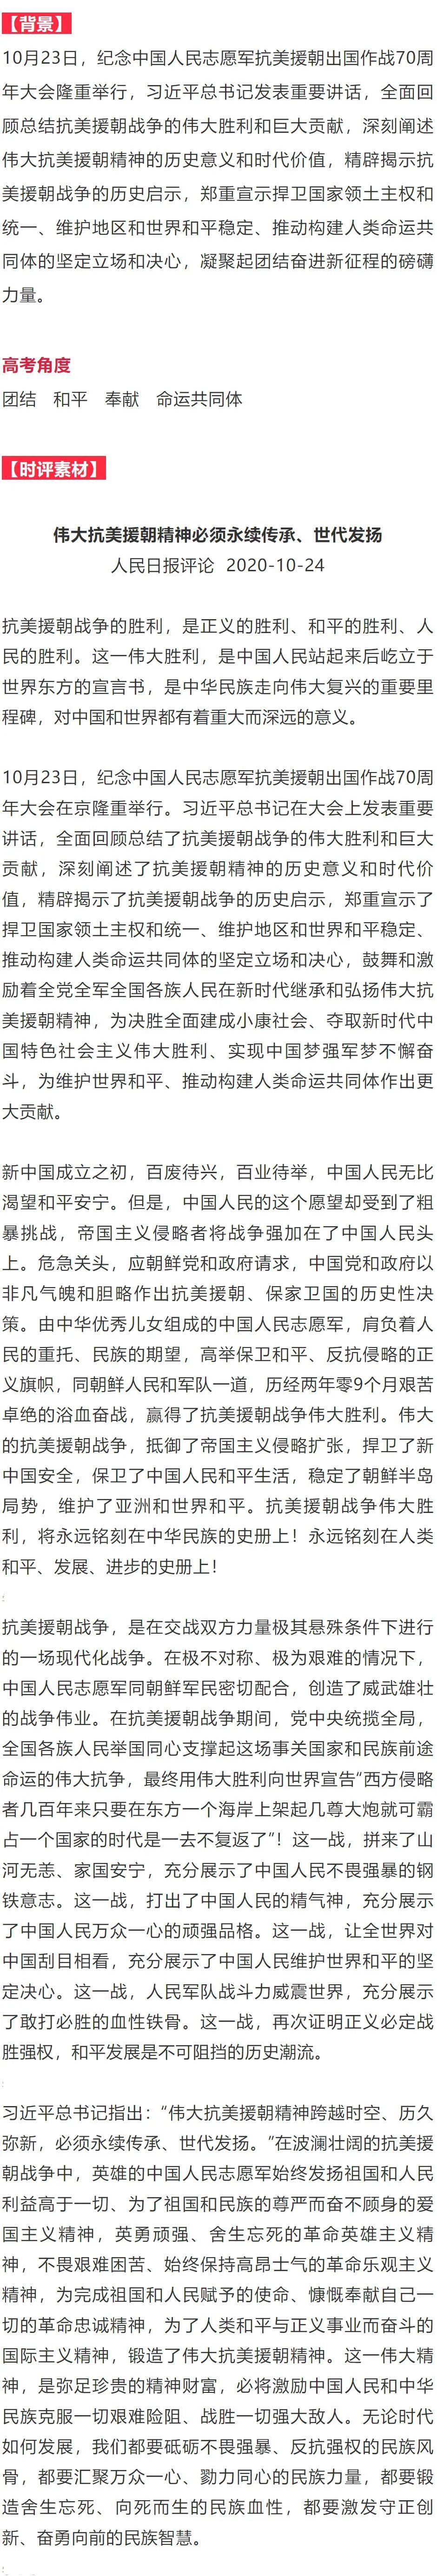 八省大联考语文试卷作文解析 山茶花和新年和服暗示什么?